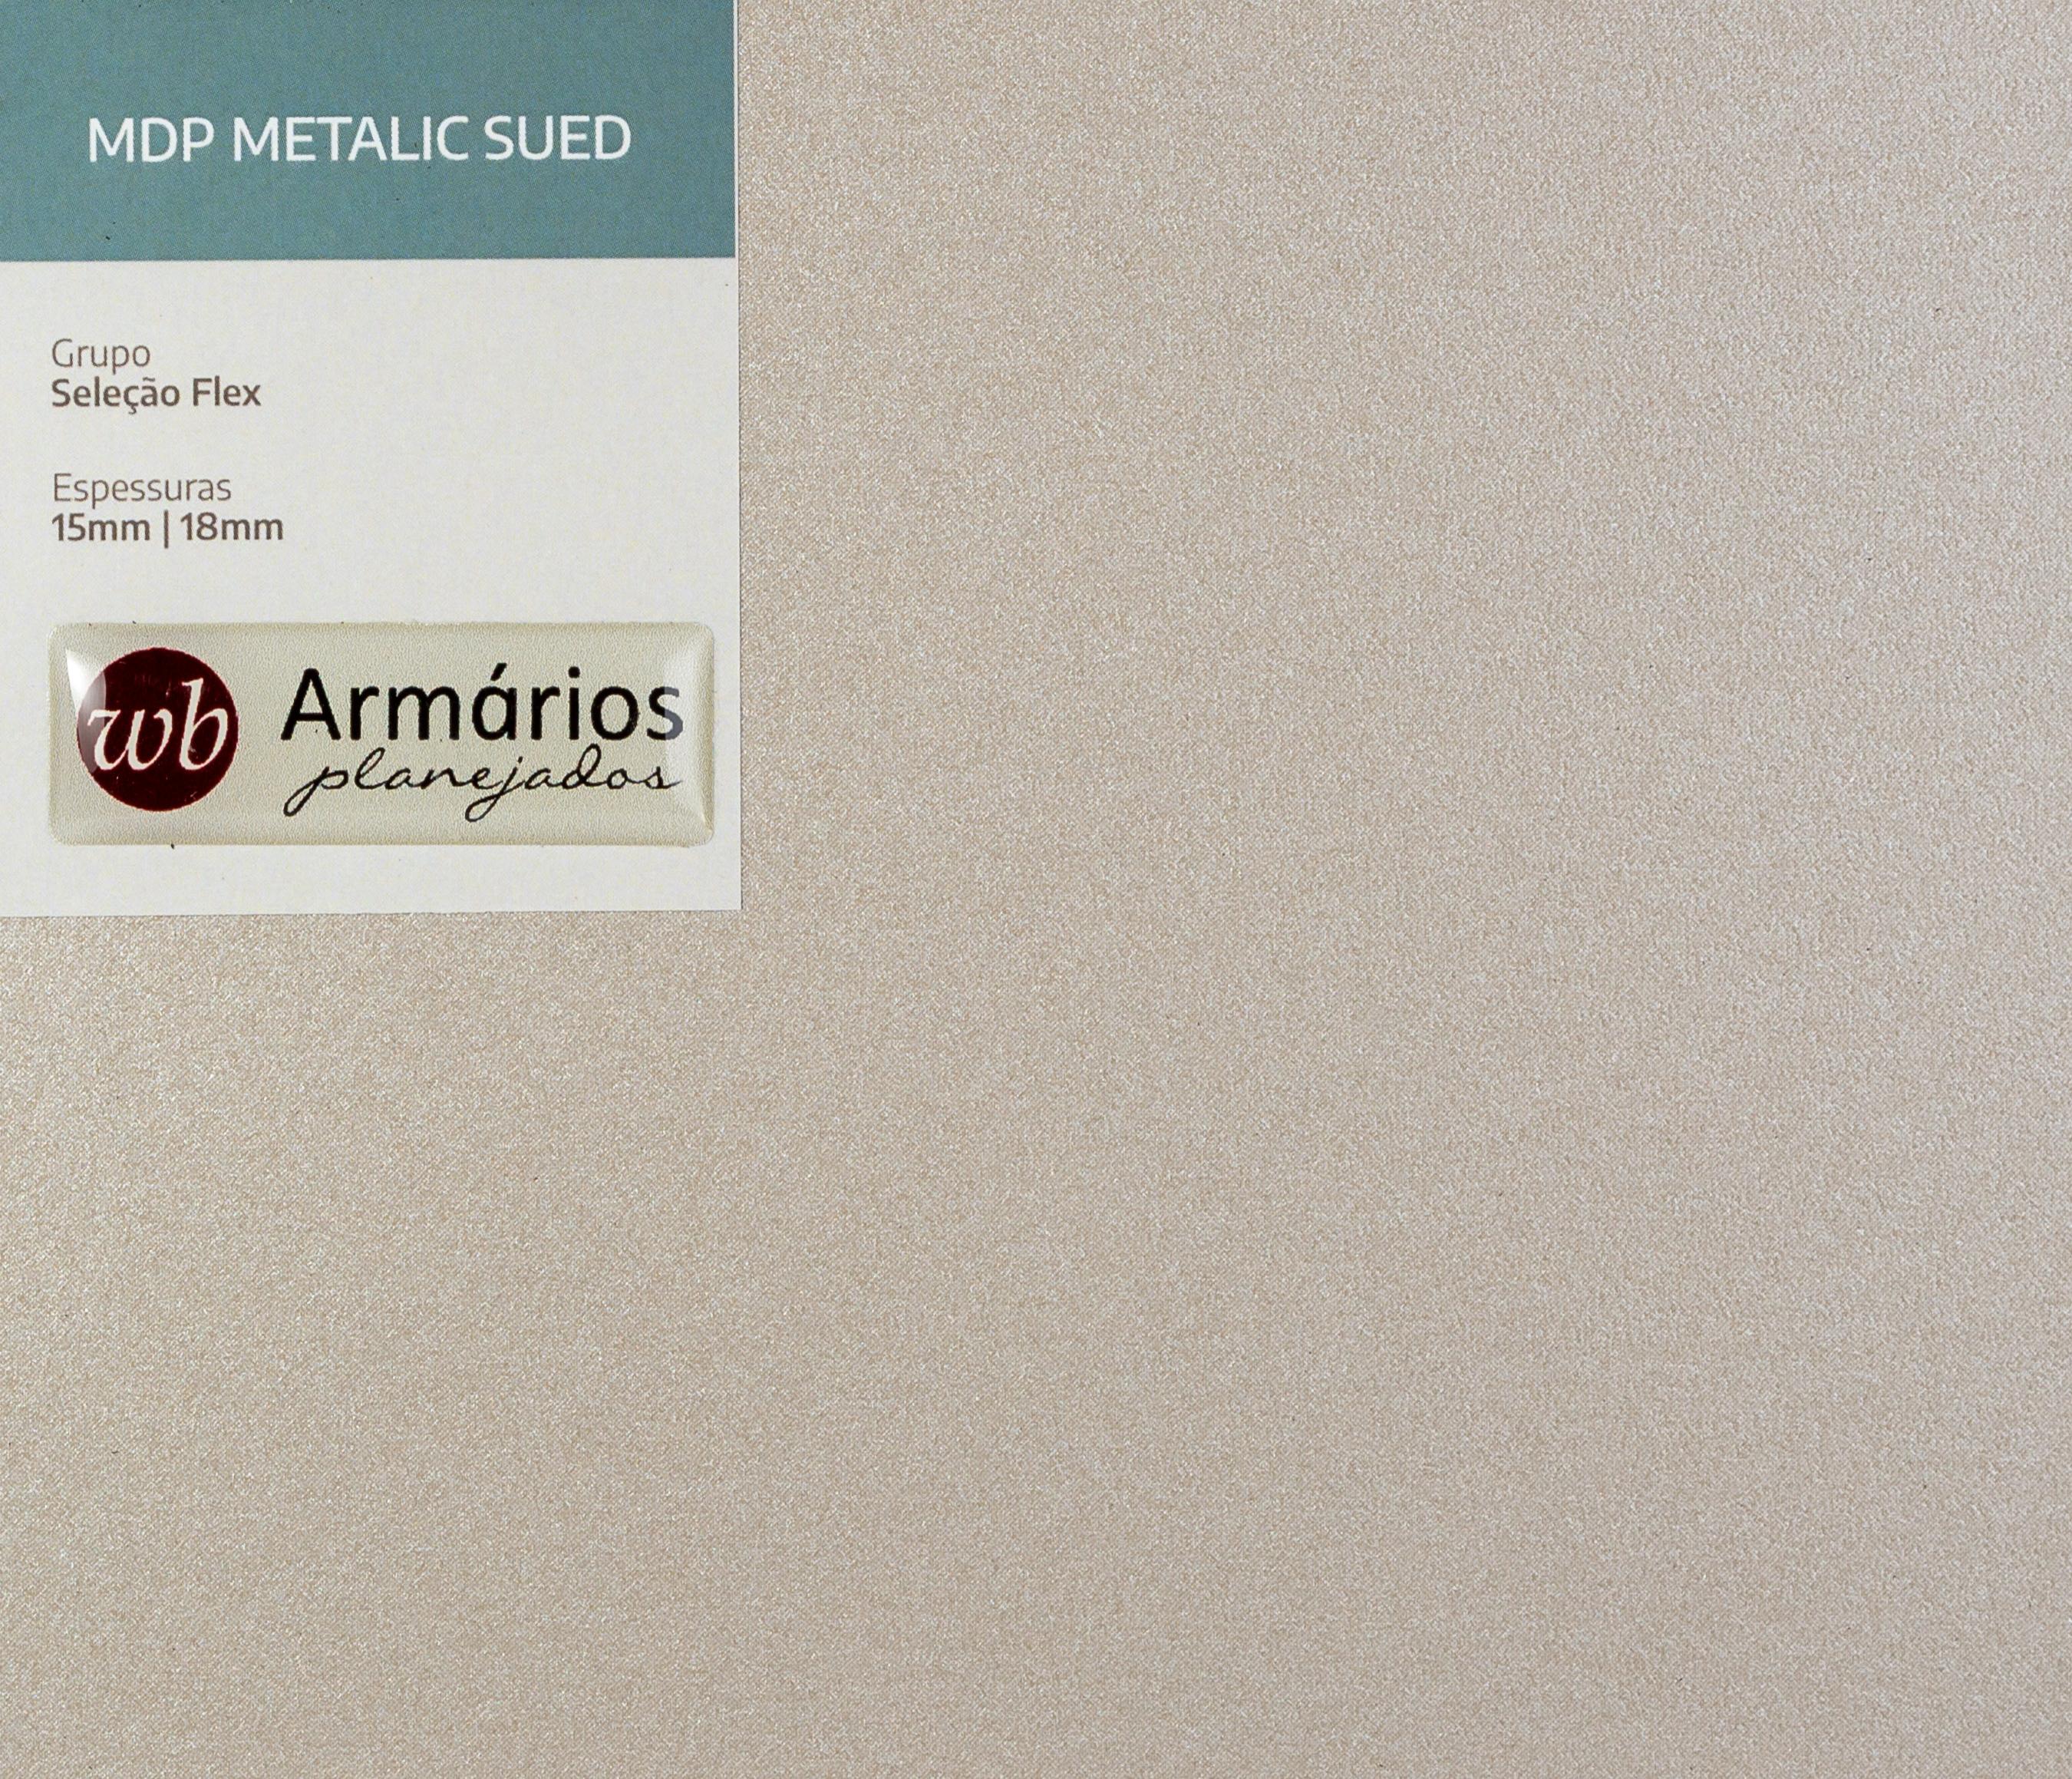 Metalic Sued